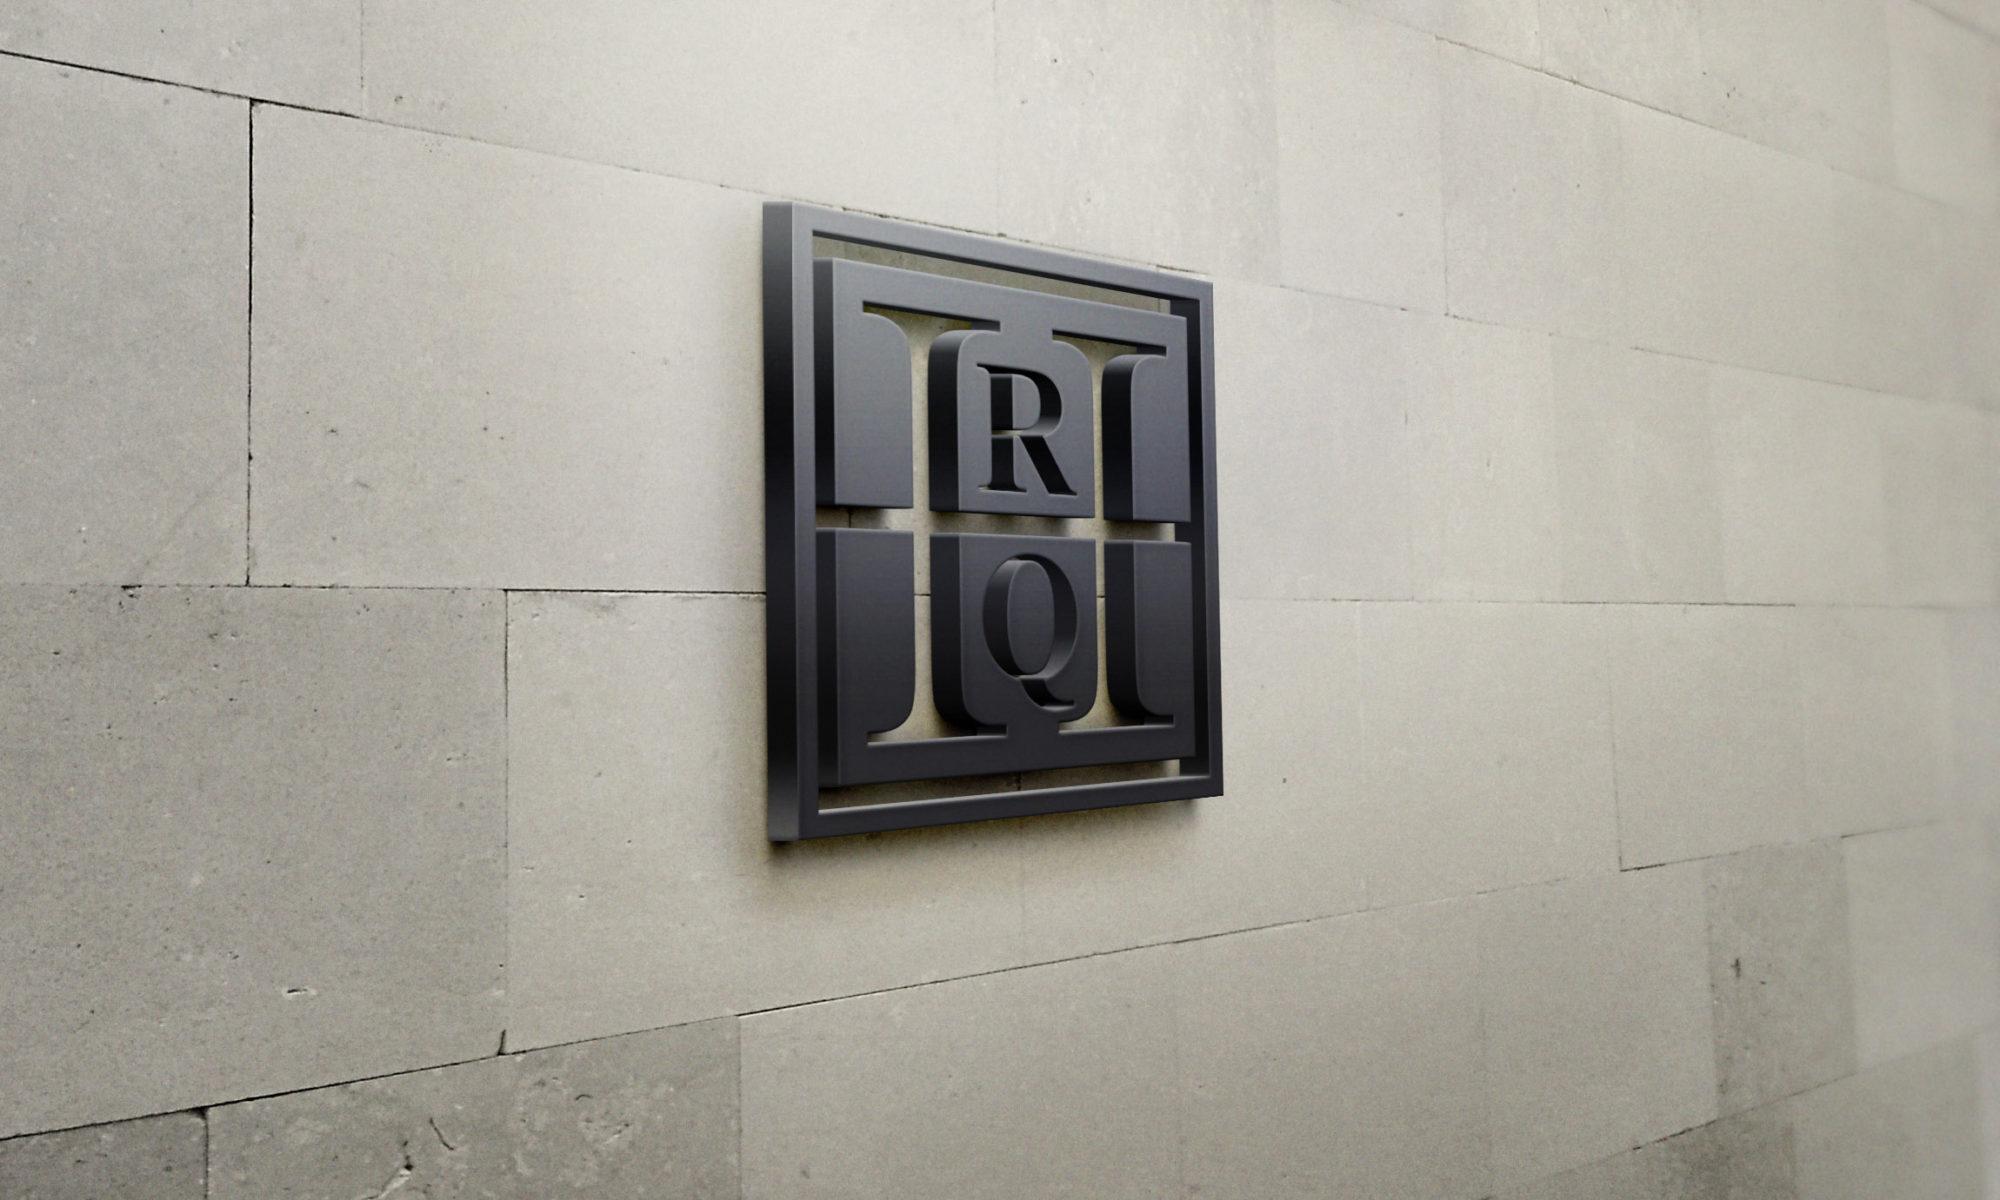 RHQ DIGITAL LTD